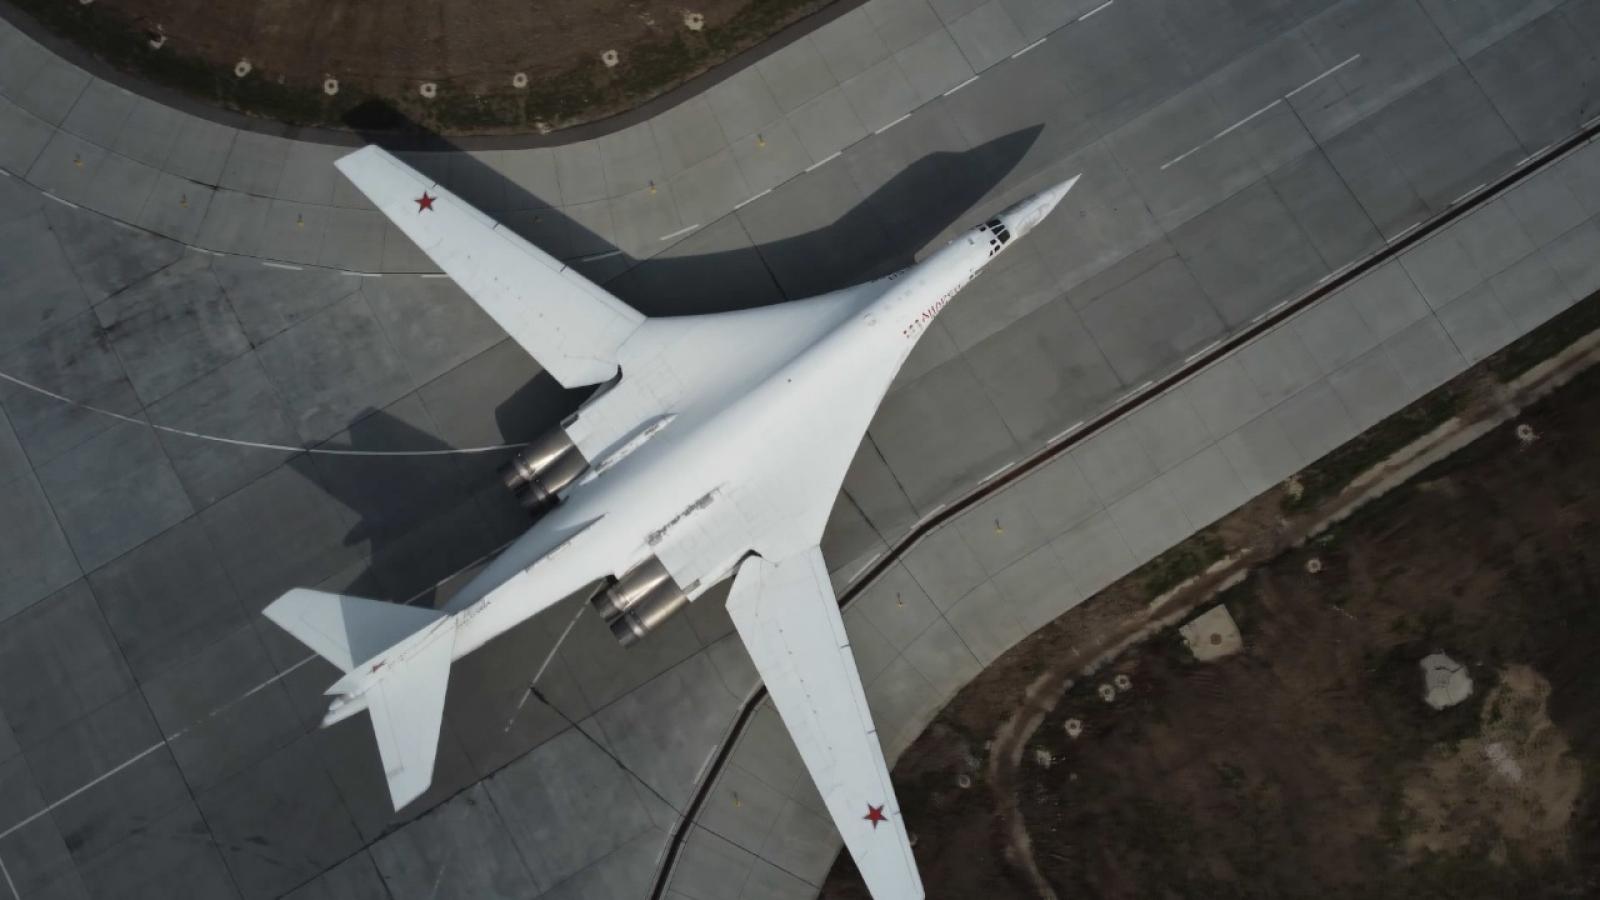 Tiêm kích MiG-31 tháp tùng oanh tạc cơ Tu-160 của Nga bay qua Biển Barents